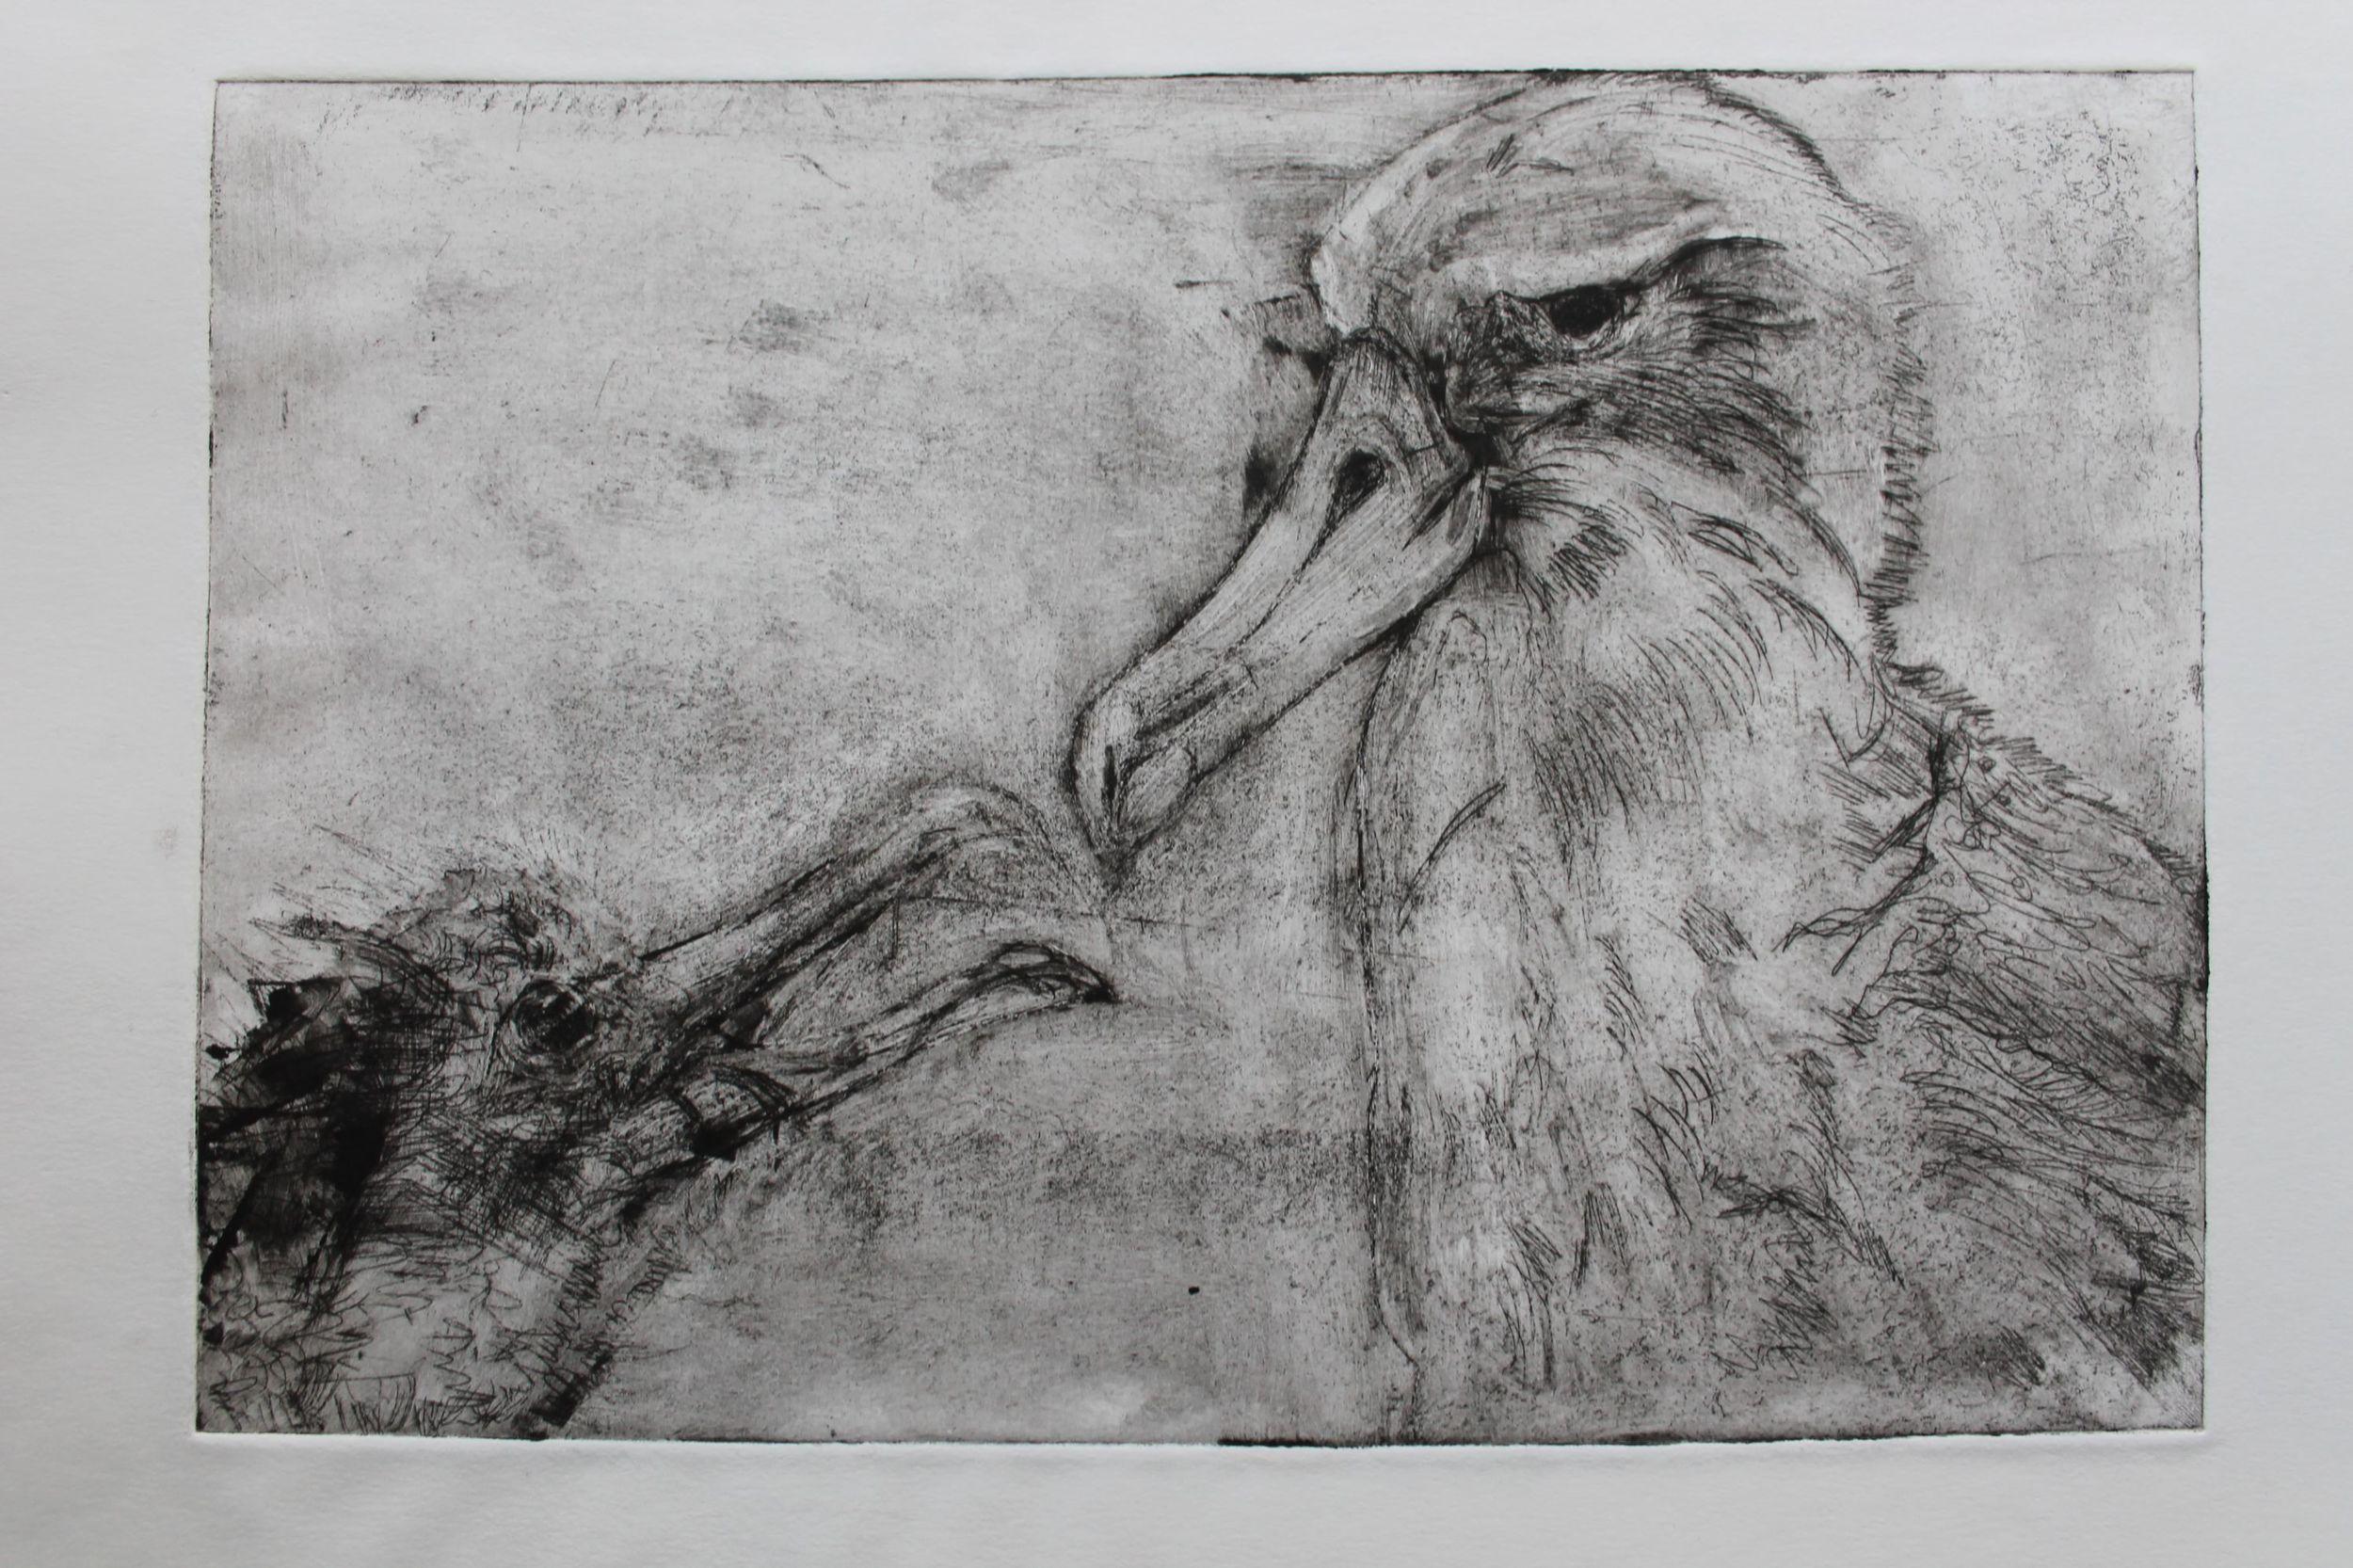 albatrossprint6.JPG